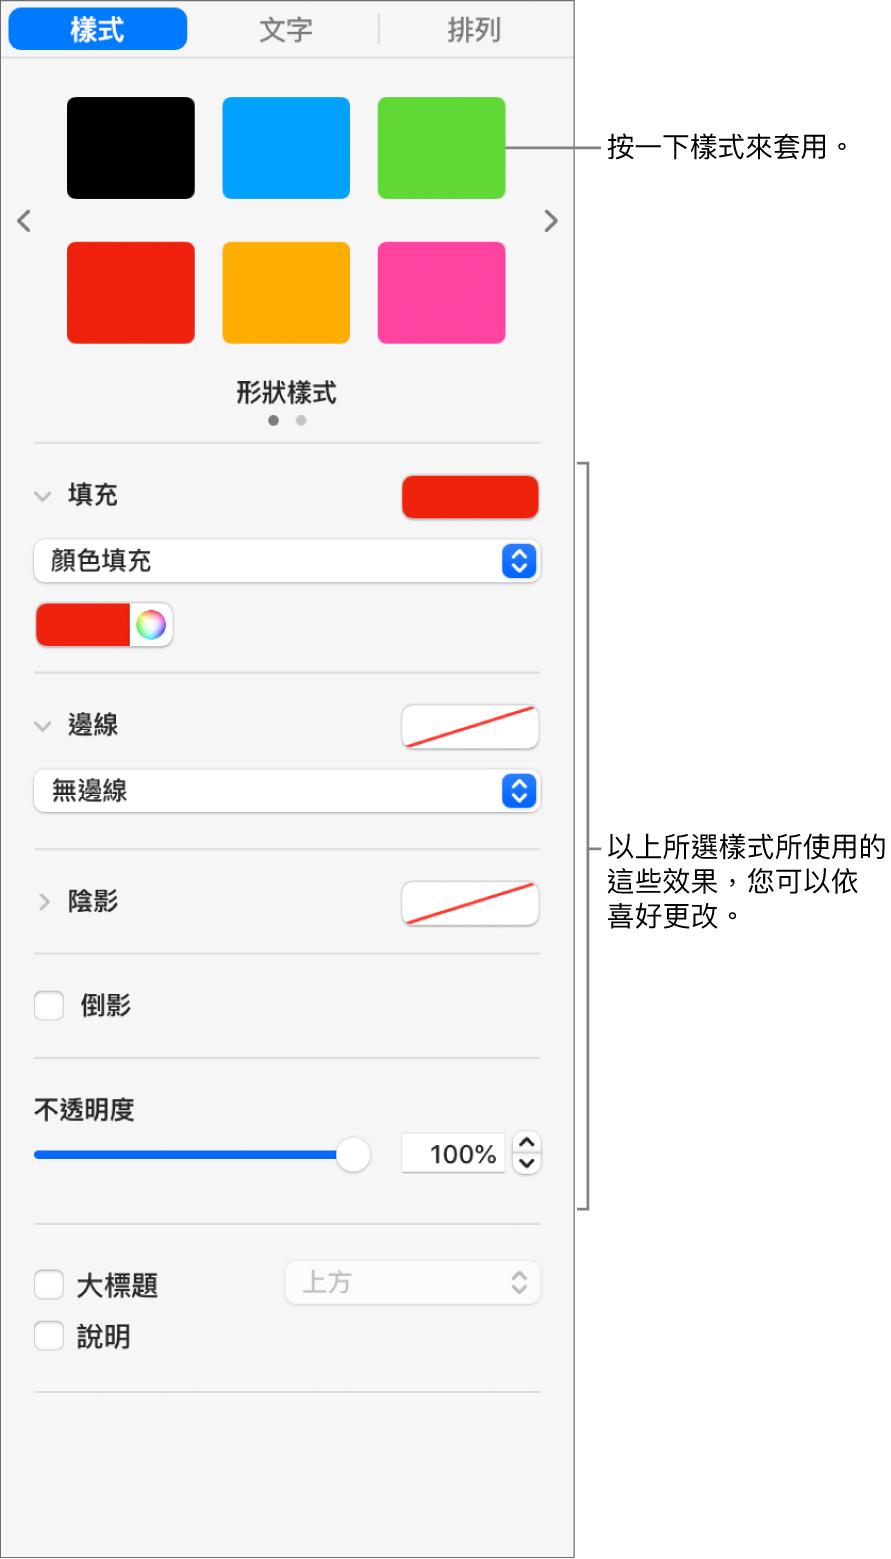 側邊欄「格式」區域中的「形狀」樣式和選項。